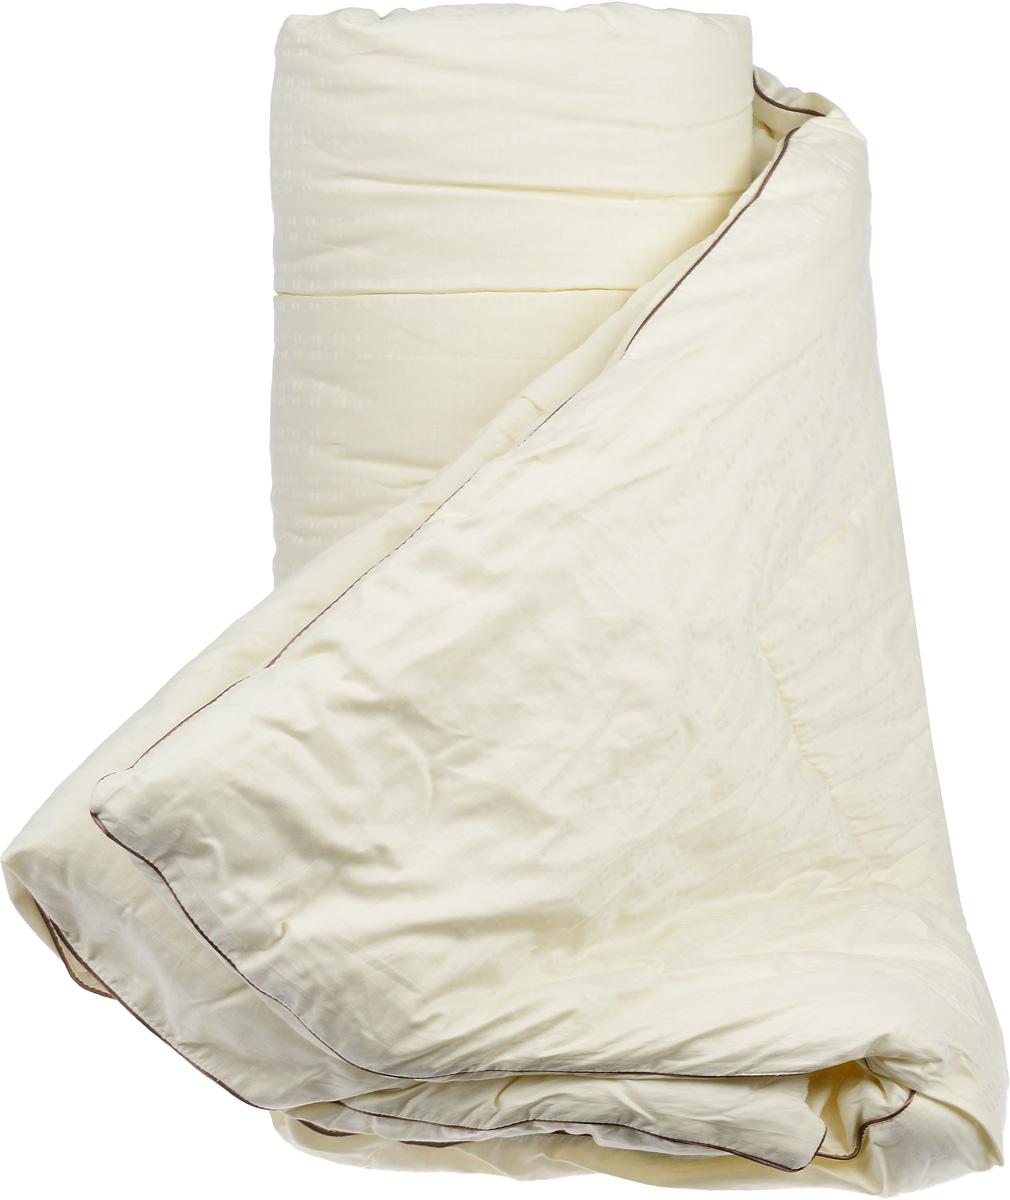 Одеяло теплое Легкие сны Милана, наполнитель: шерсть кашмирской козы, 200 х 220 см200(34)03-КШТеплое одеяло Легкие сны Милана с наполнителем изшерсти кашмирской козы расслабит, снимет усталость иподарит вам спокойный и здоровый сон.Пух горной козы не содержит органических жиров, в нем незаводятся пылевые клещи, вызывающие аллергическиереакции. Он очень легкий и обладает отличнойтеплоемкостью. Одеяла из такого наполнителя имеютширокий диапазон климатической комфортности иблагоприятно влияют на самочувствие людей, страдающихзаболеваниями опорно-двигательной системы. Шерстяные волокна, получаемые из чесаной шерсти горнойкозы, имеют полую структуру, придающую изделиям высокуюизносоустойчивость. Чехол одеяла, выполненный из сатина (100% хлопка),отлично пропускает воздух, создавая эффект сухого тепла. Одеяло простегано и окантовано. Стежка надежноудерживает наполнитель внутри и не позволяет емускатываться.Плотность наполнителя: 300 г/м2.